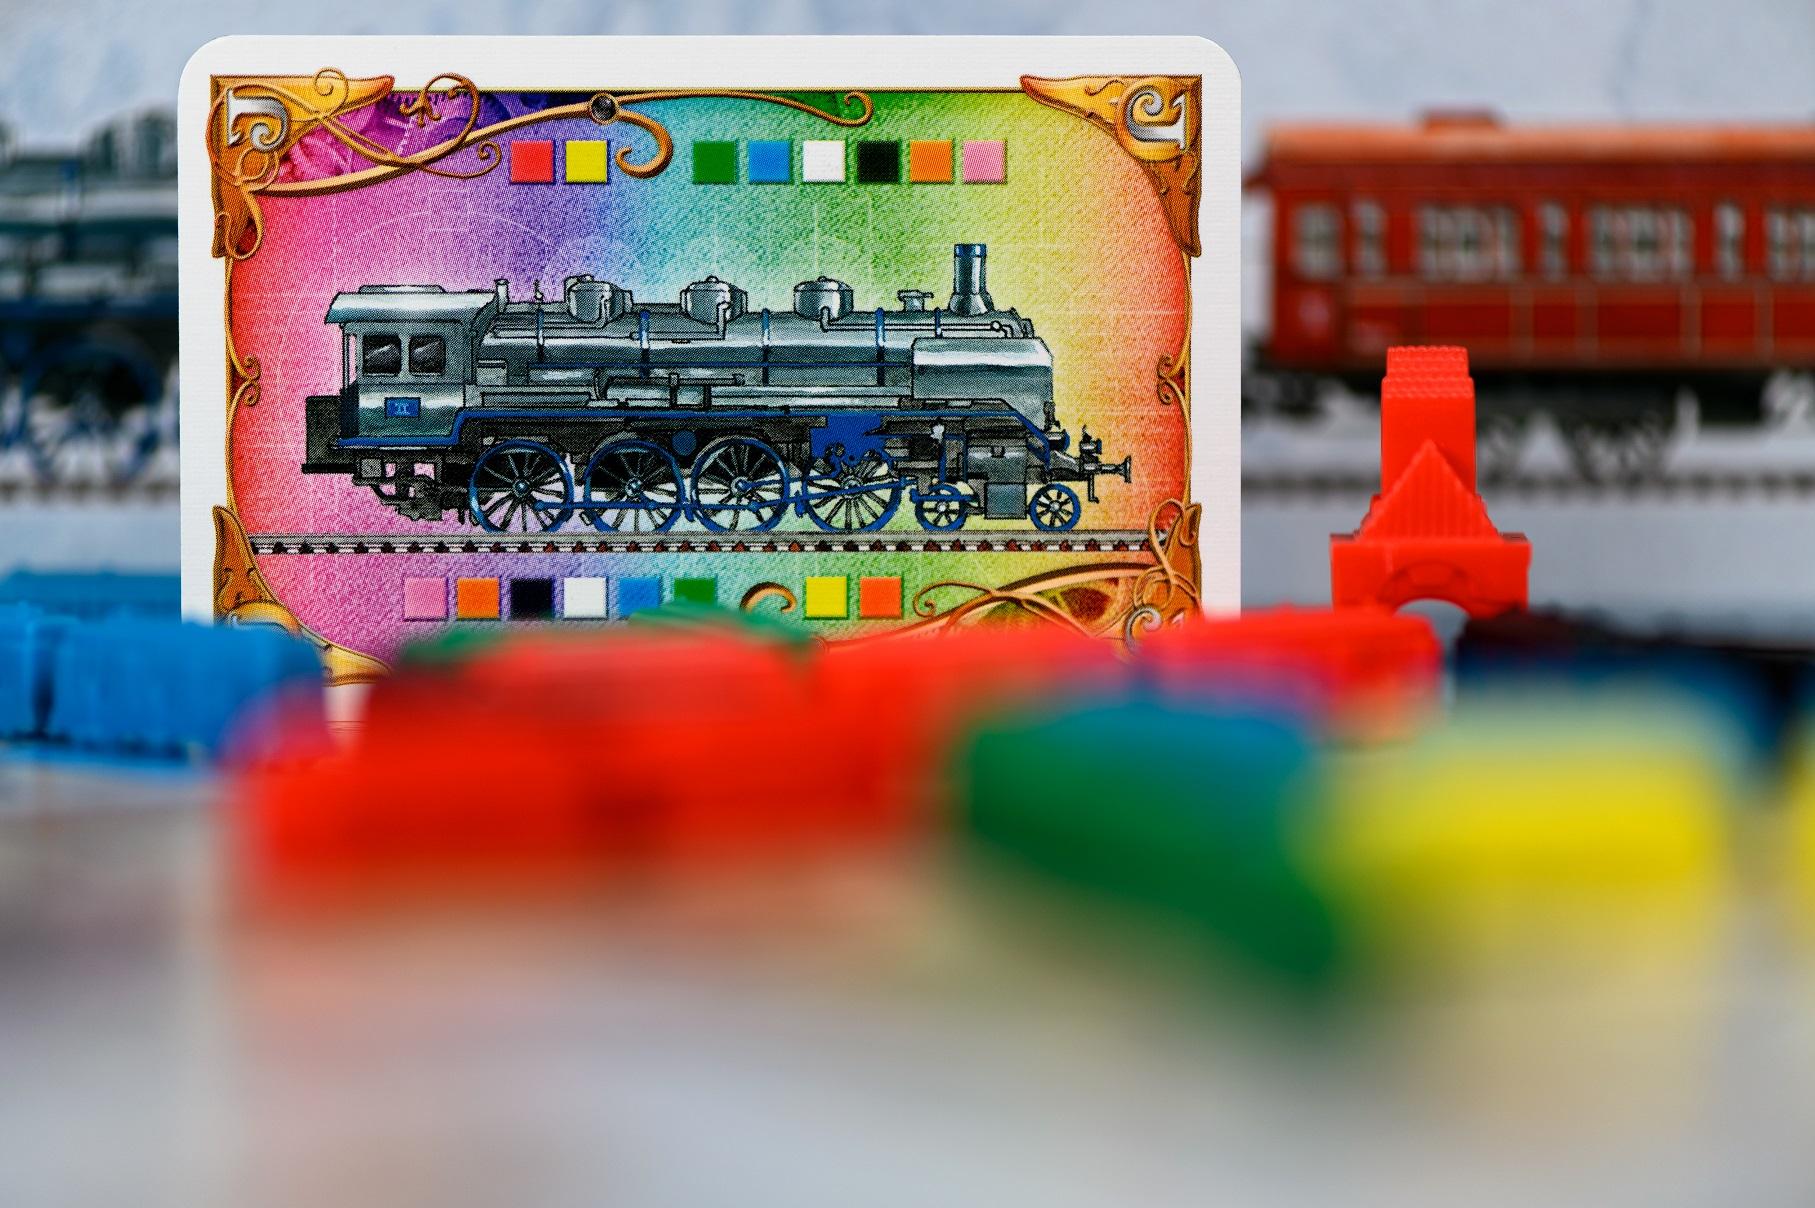 Lokomotywy mogą zastąpić dowolny kolor wagonika.